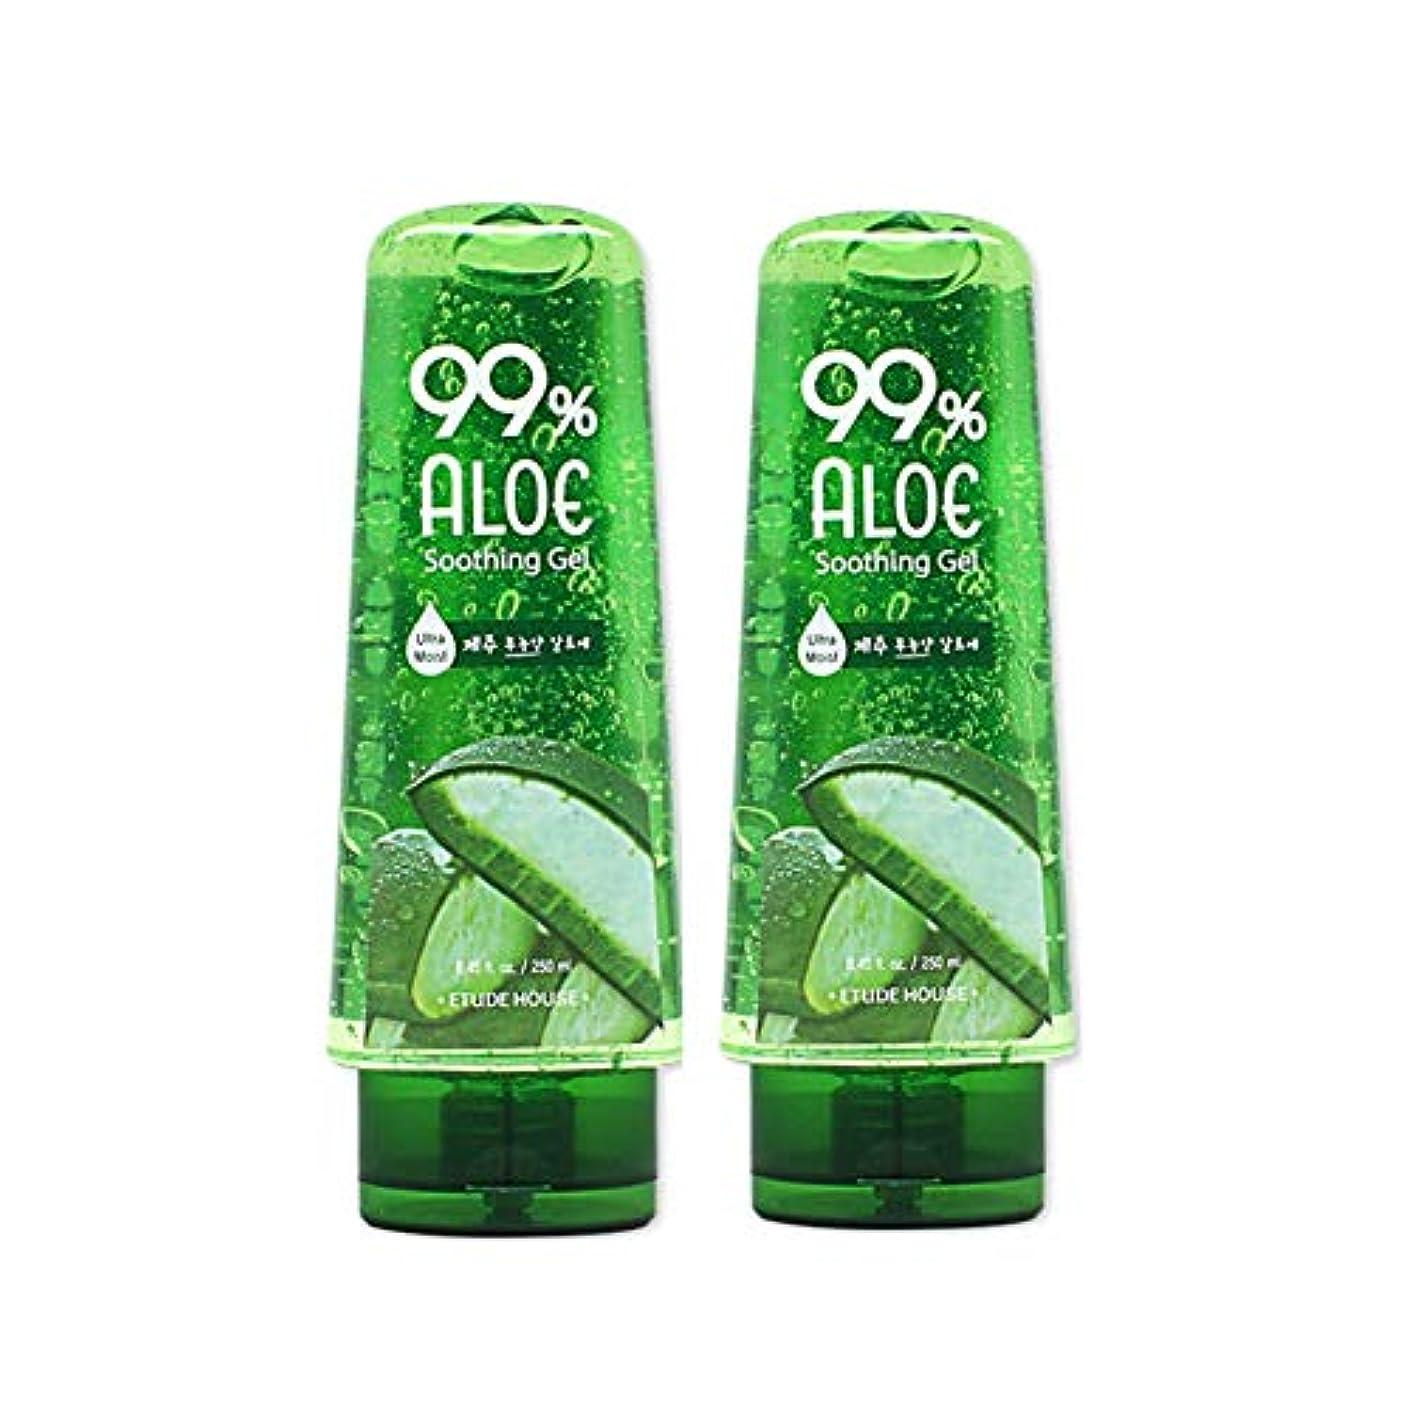 ブラウザ傾向ジュラシックパークエチュードハウス99%アロエスージングジェル250mlx2本セット韓国コスメ、Etude House 99% Aloe Soothing Gel 250ml x 2ea Set Korean Cosmetics [並行輸入品]